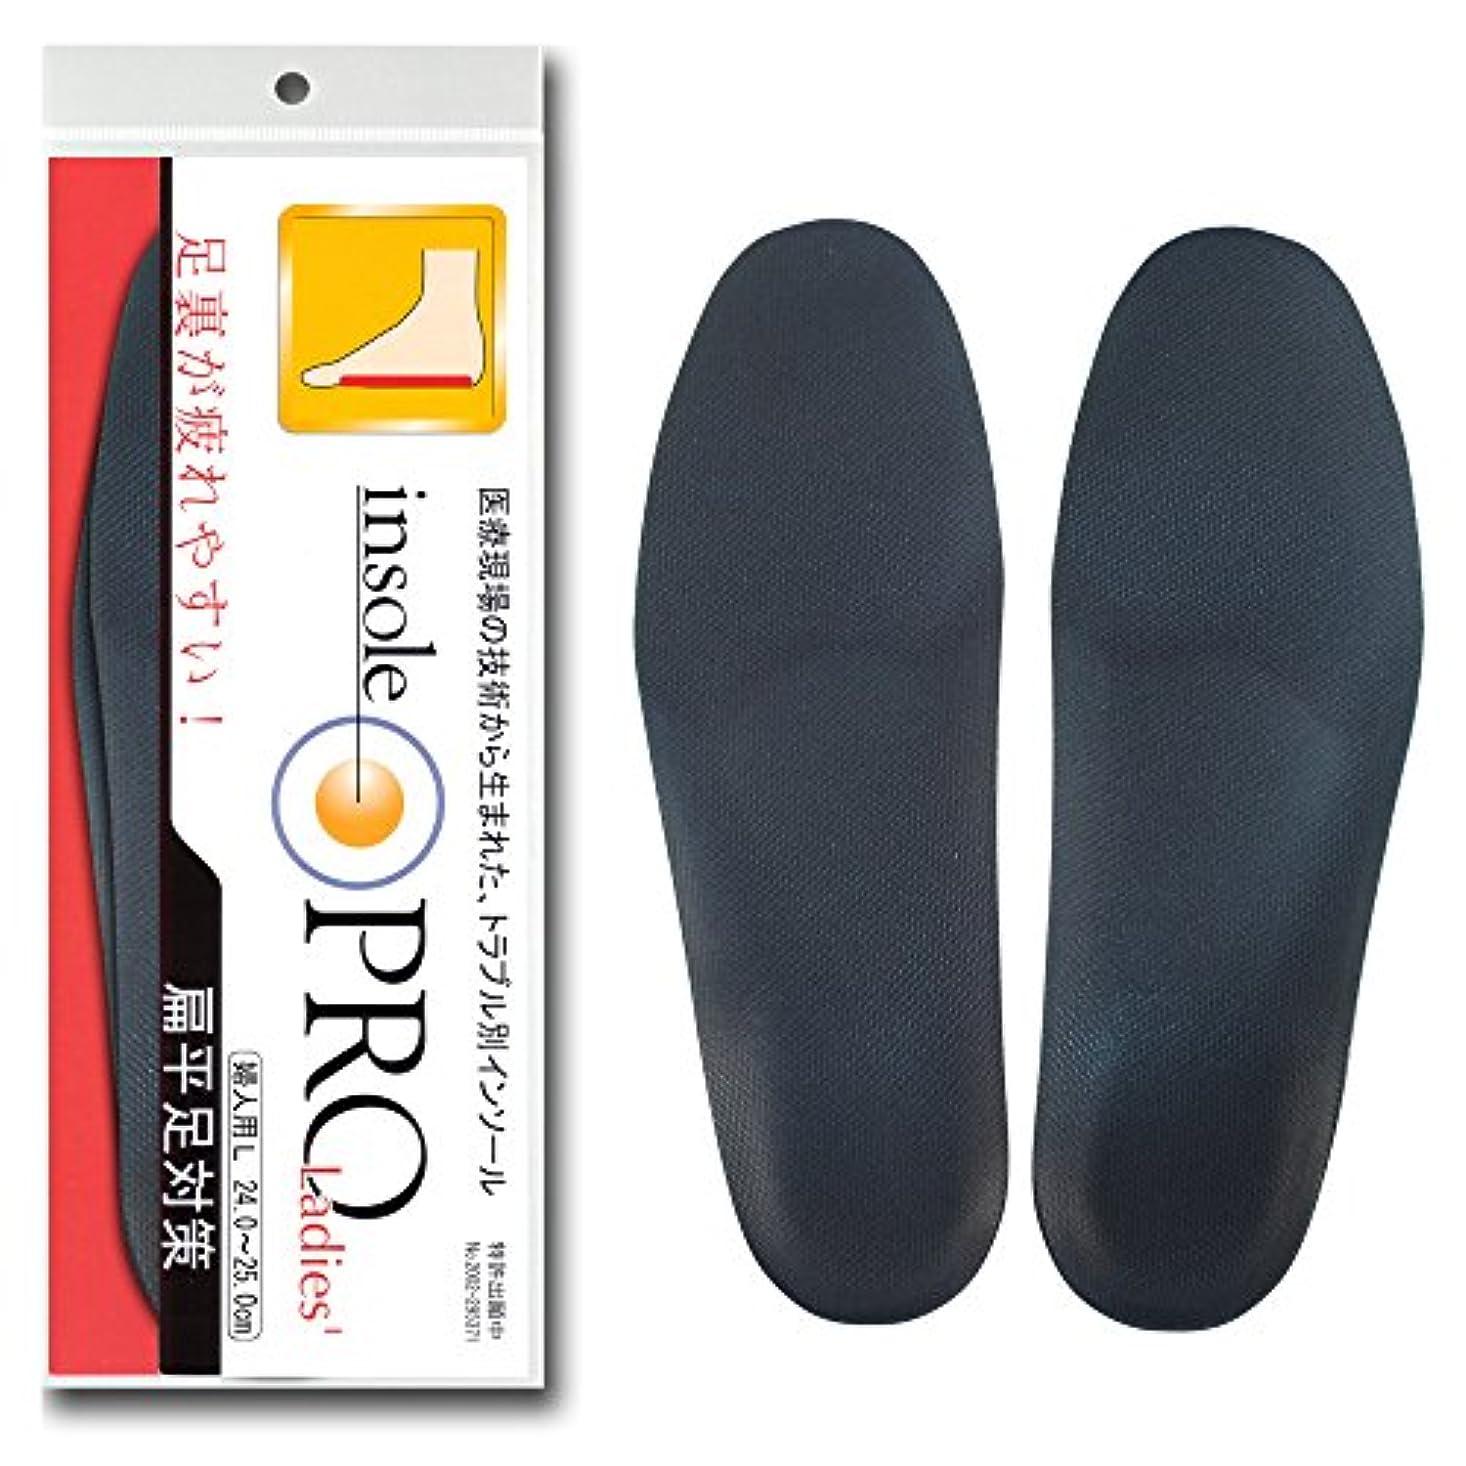 申請中スリット従来のインソールプロ レディス 偏平足対策 黒 L(24~25cm)